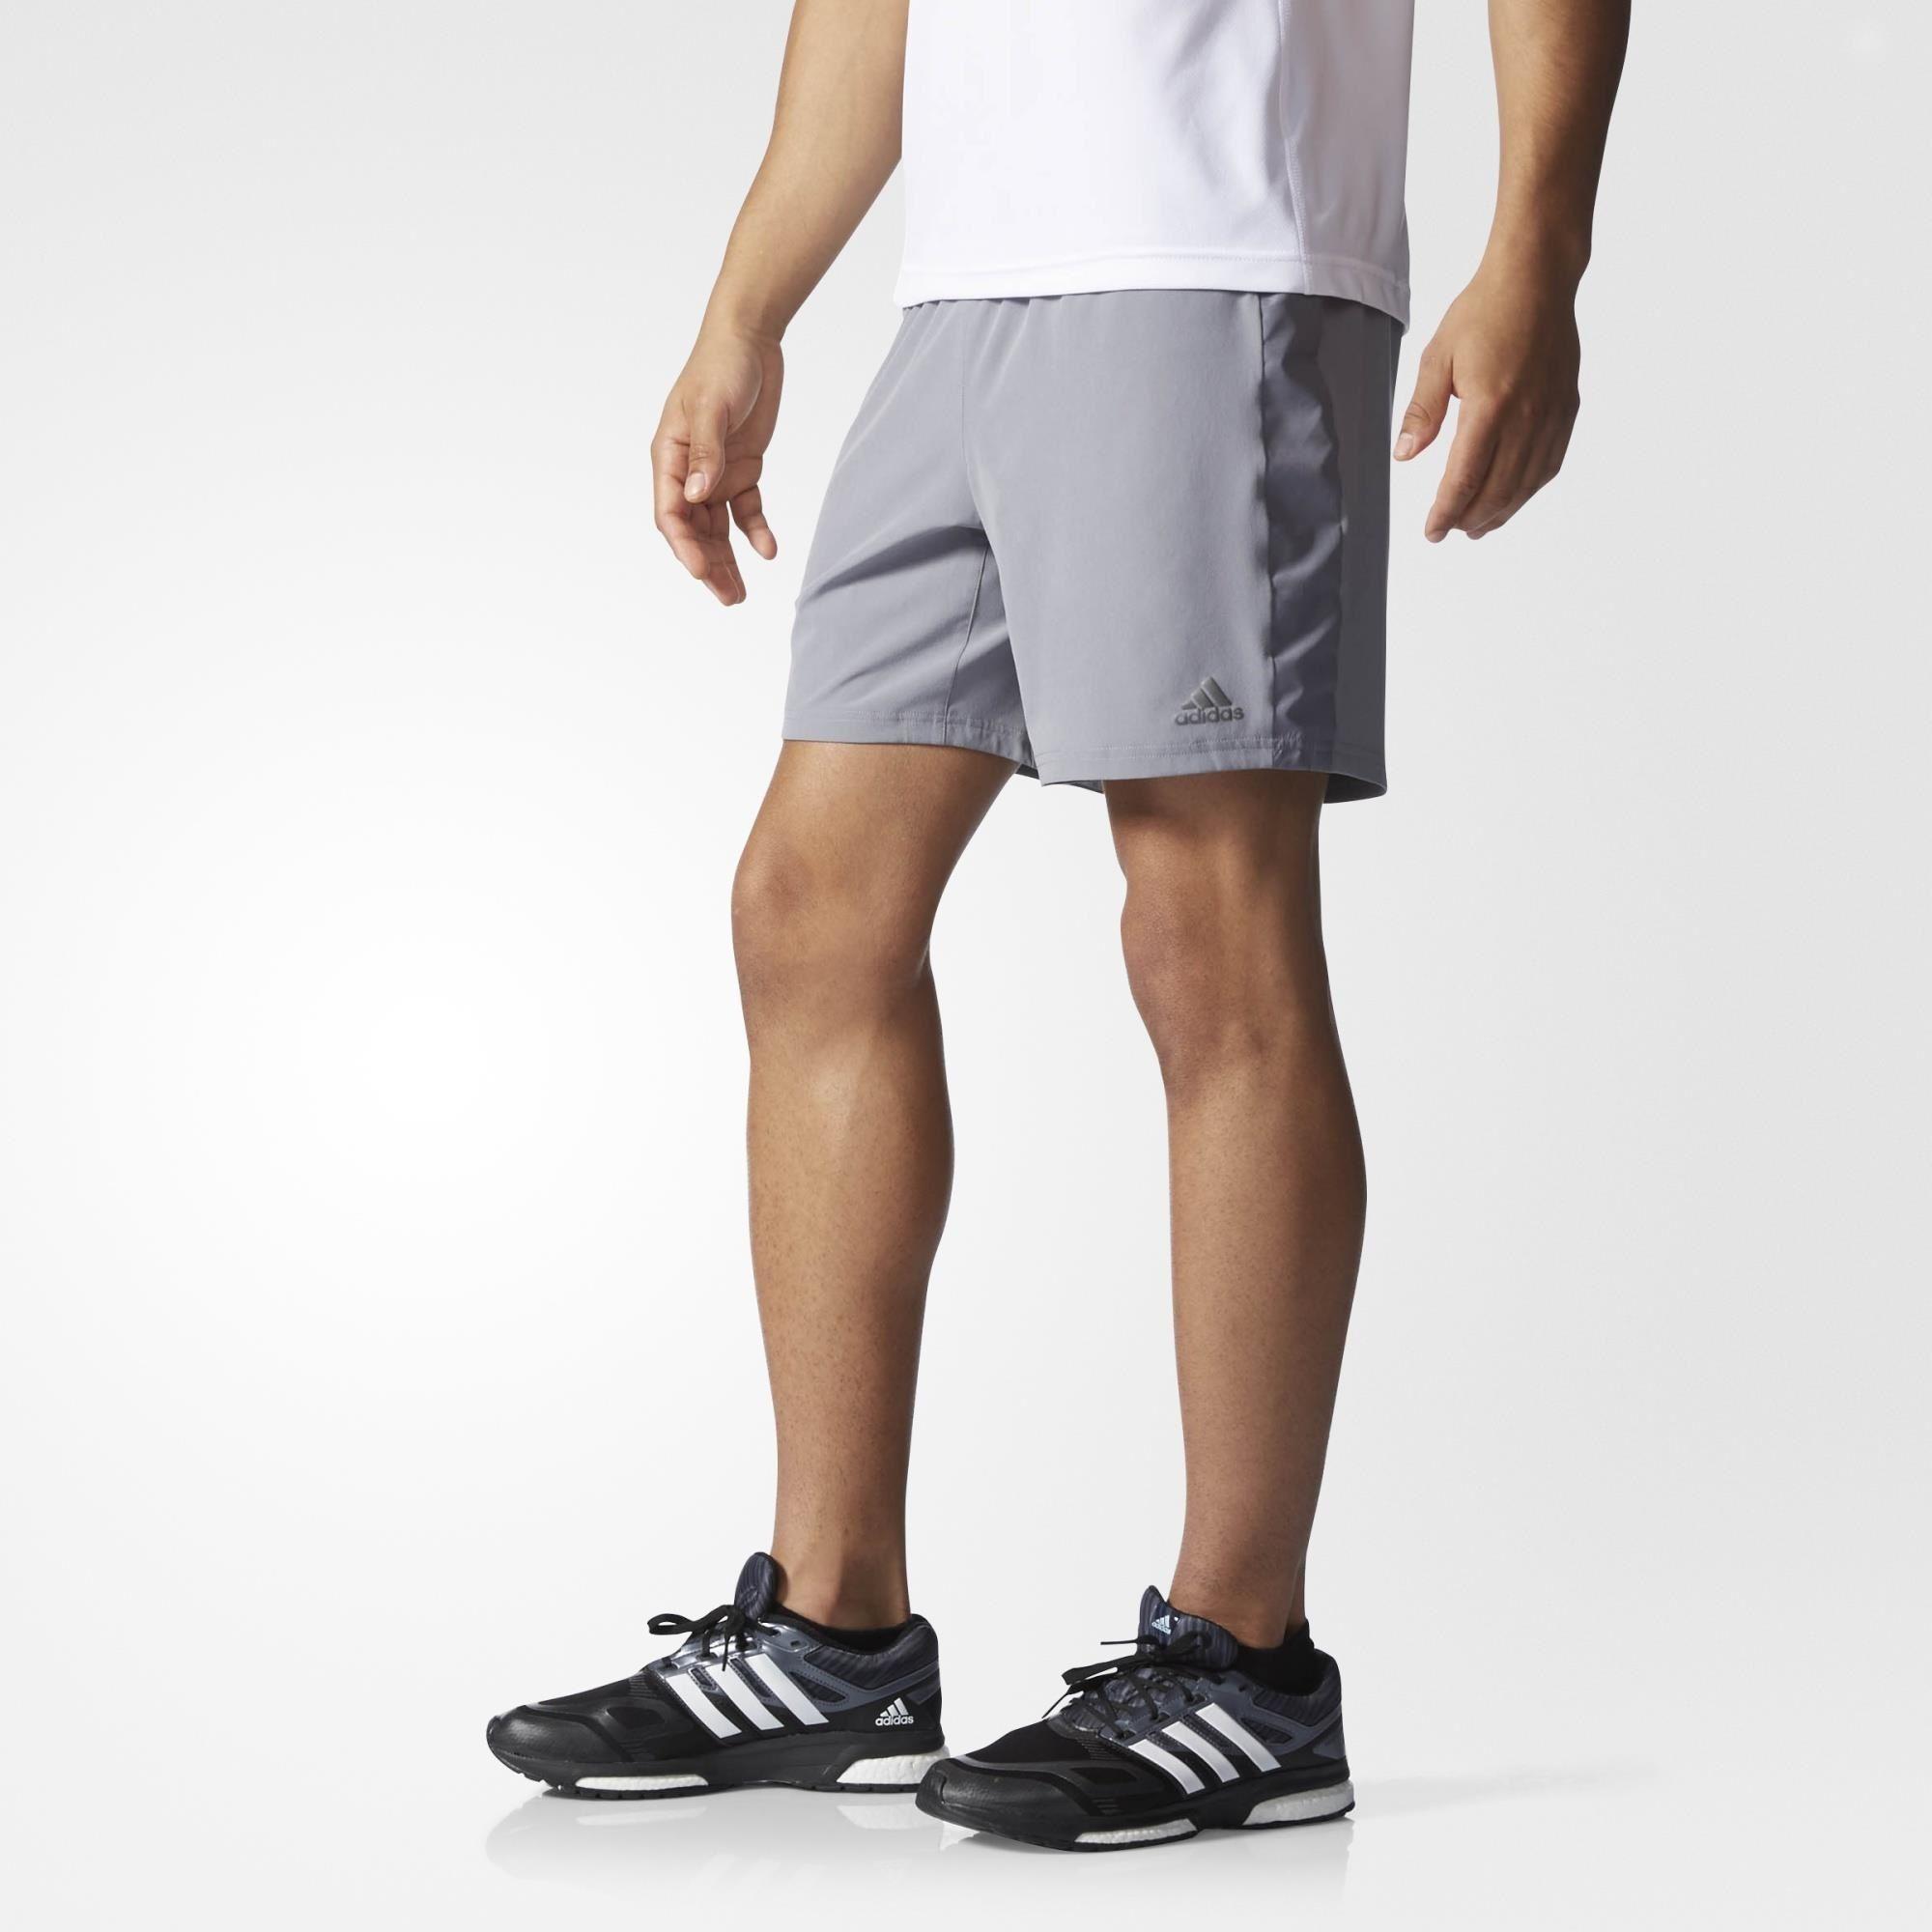 maceta paso Sala  adidas Supernova 7-Inch Shorts - Grey | adidas US | Cycling outfit, Mens  outfits, Adidas online